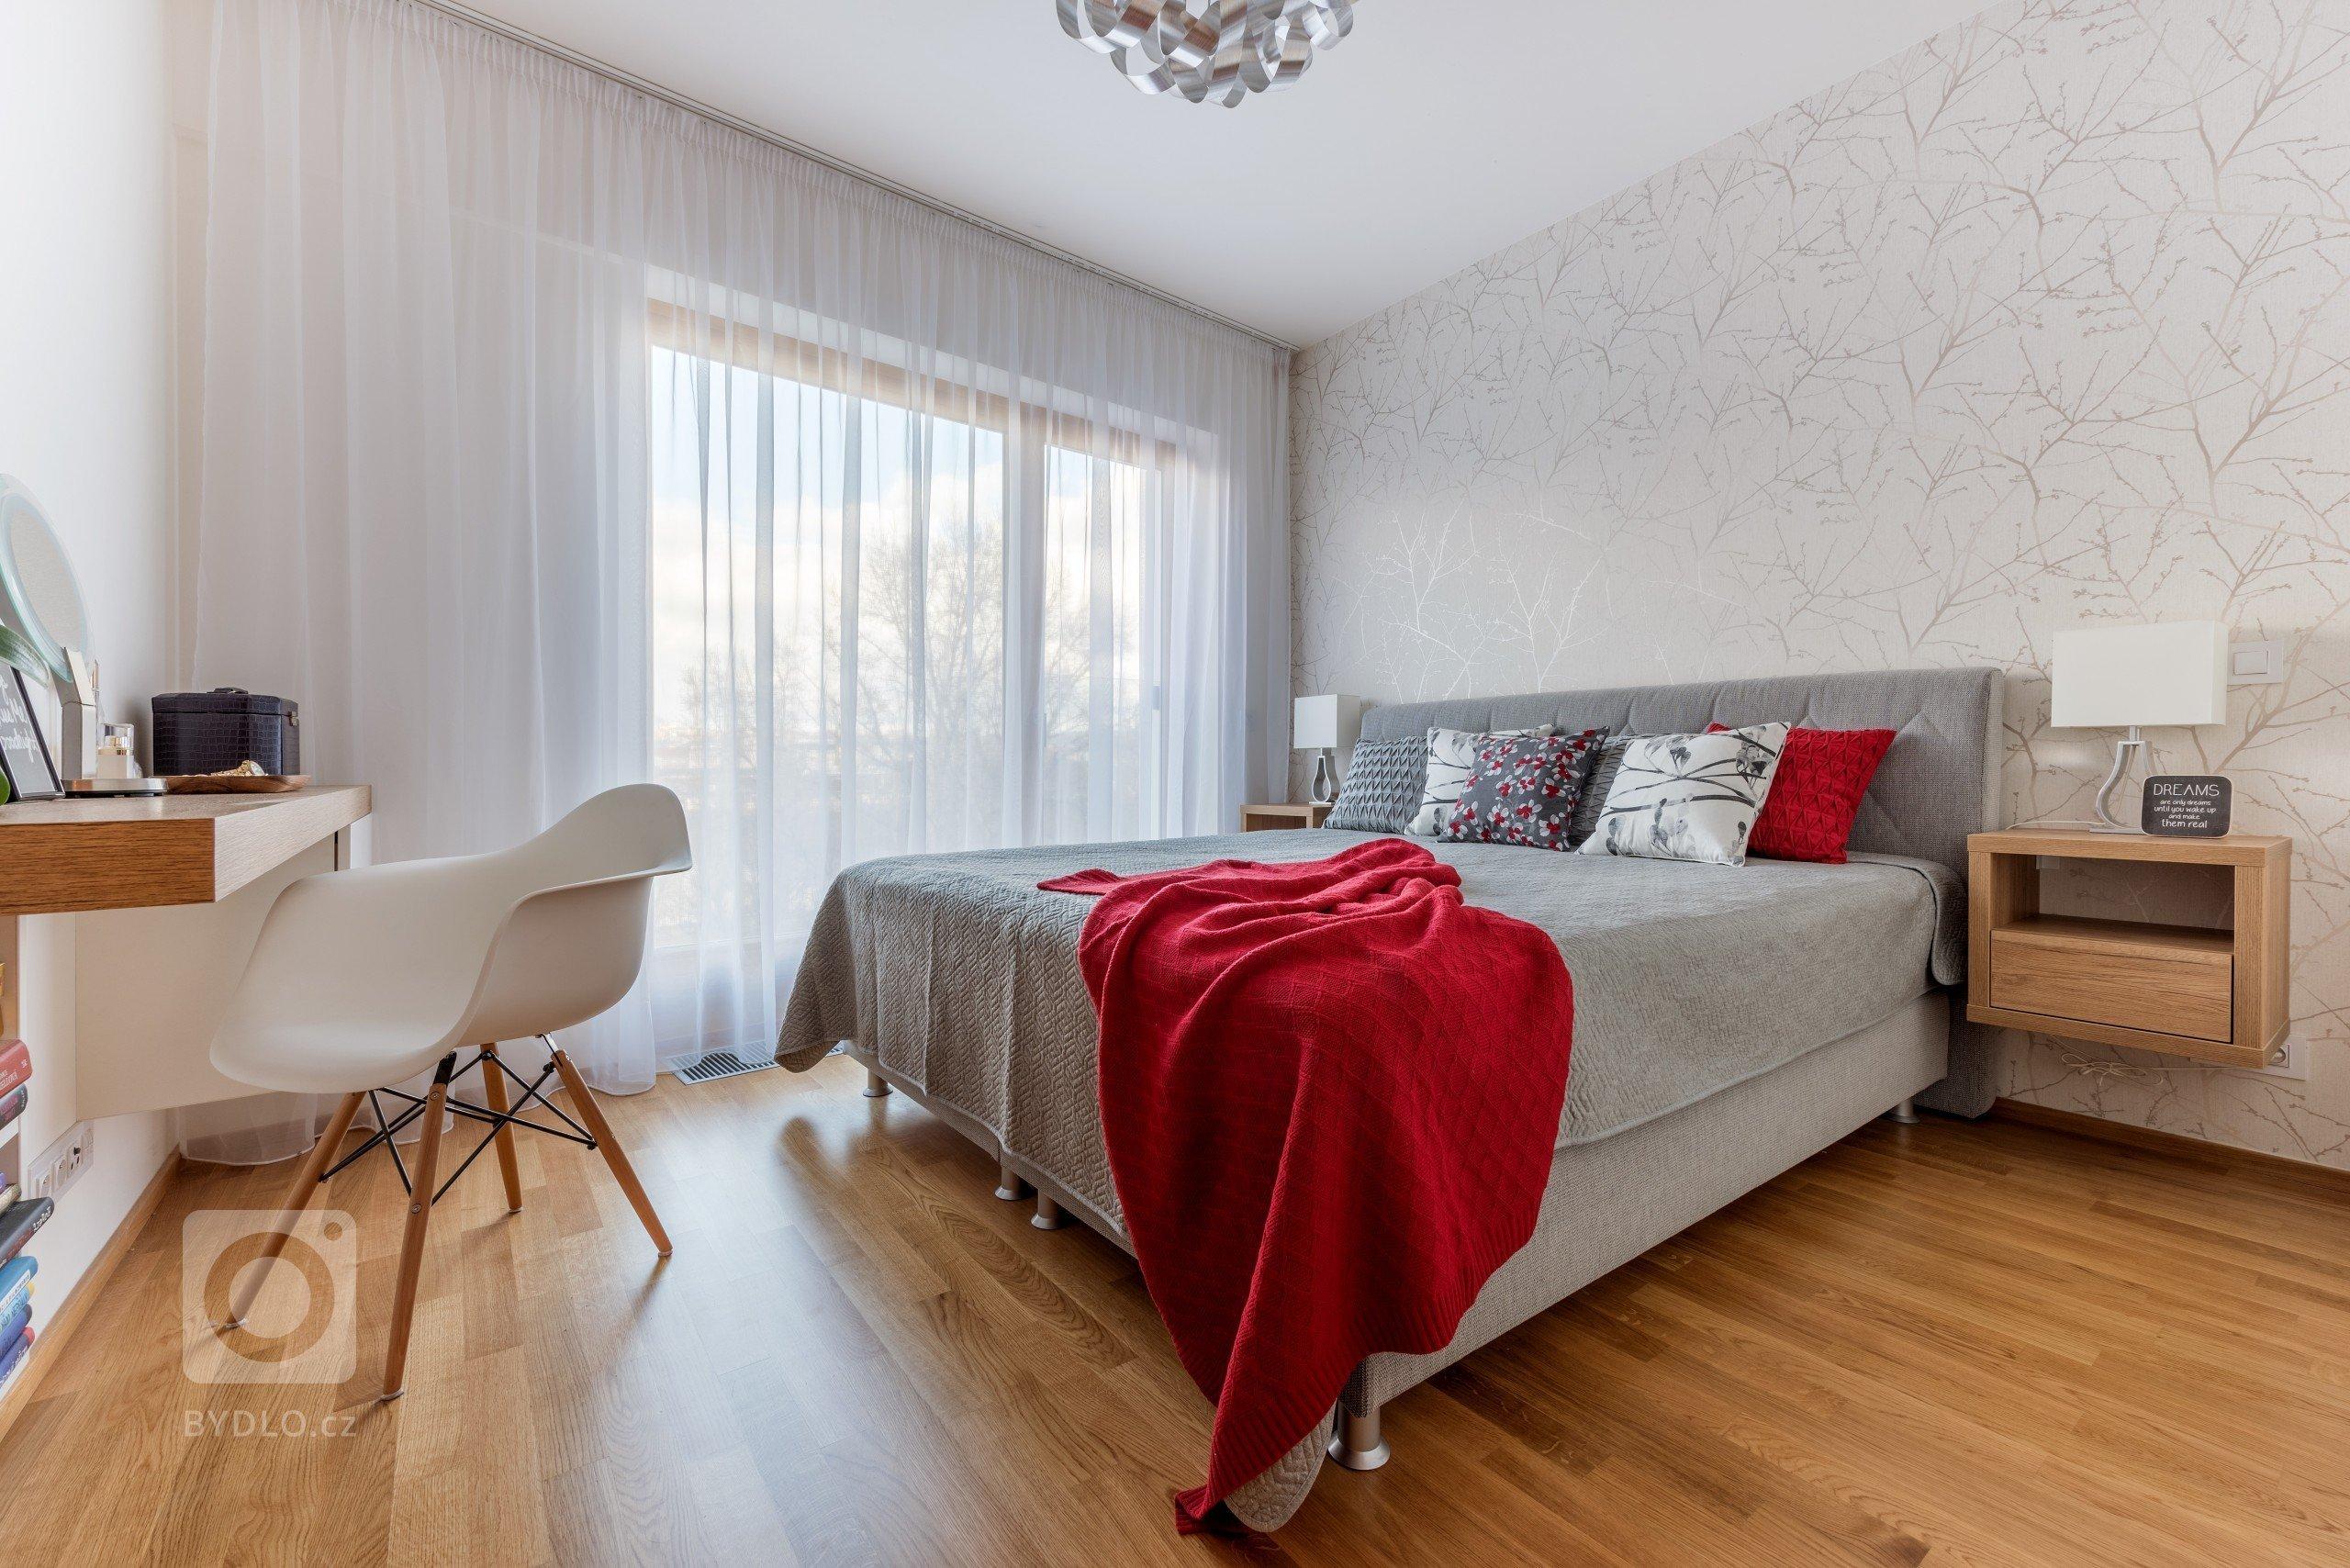 Ložnice - pět tipů pro příjemný zimní spánek